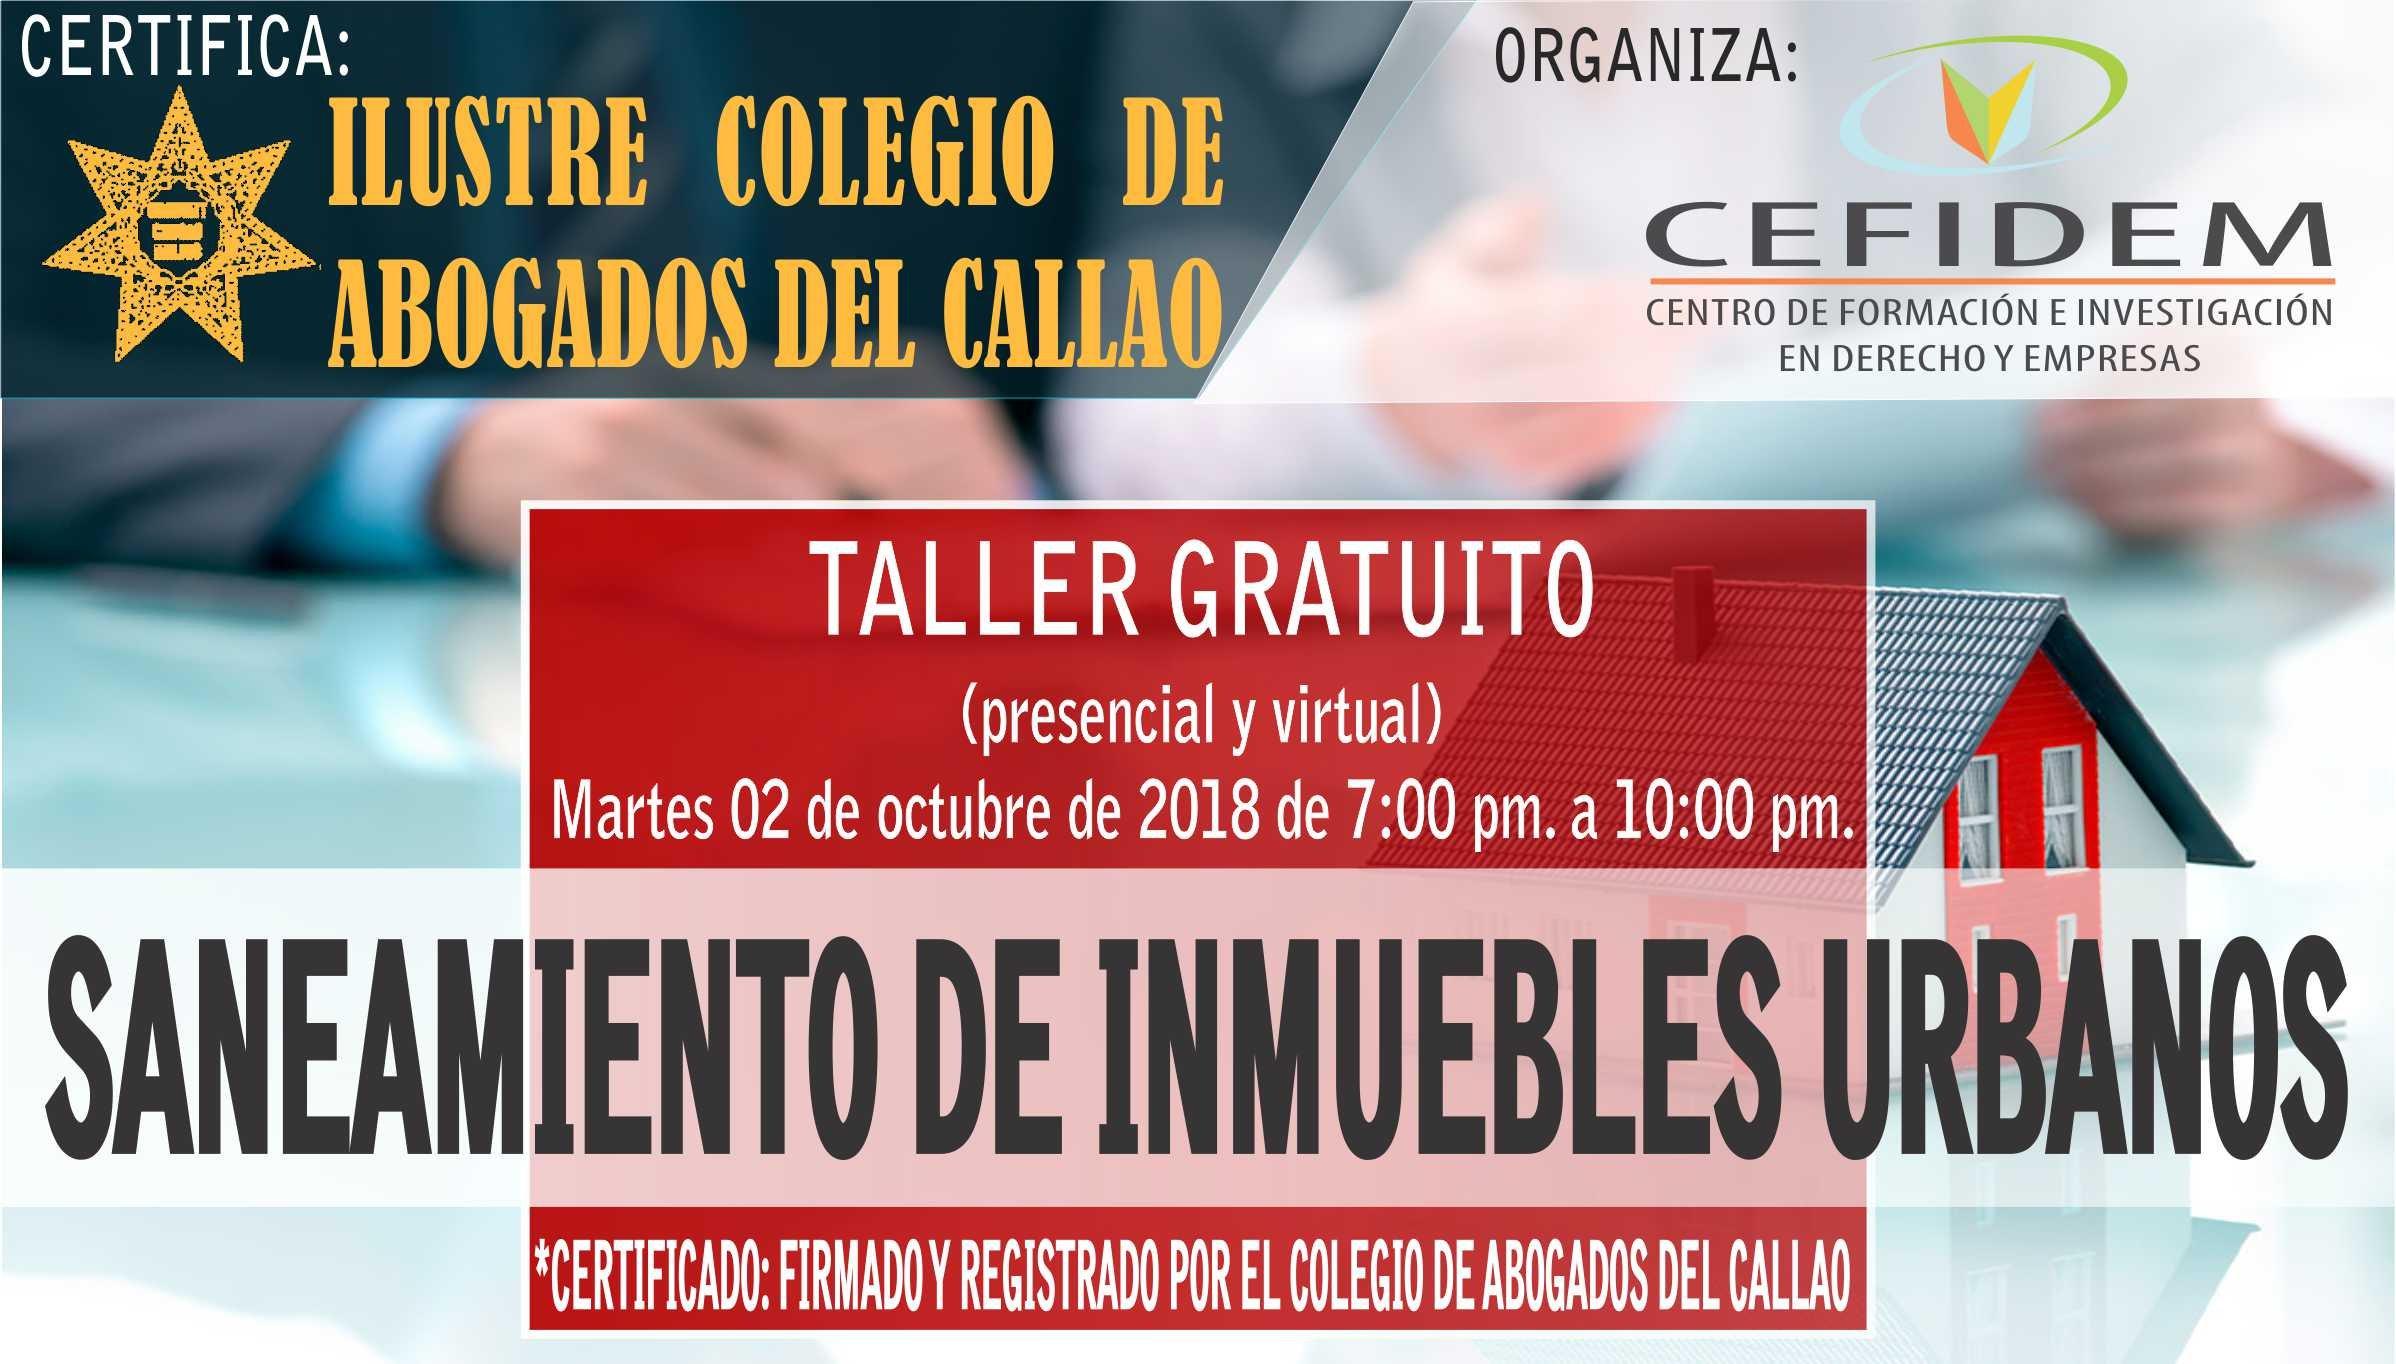 Taller Gratuito: SANEAMIENTO DE INMUEBLES URBANOS (02/10/18)